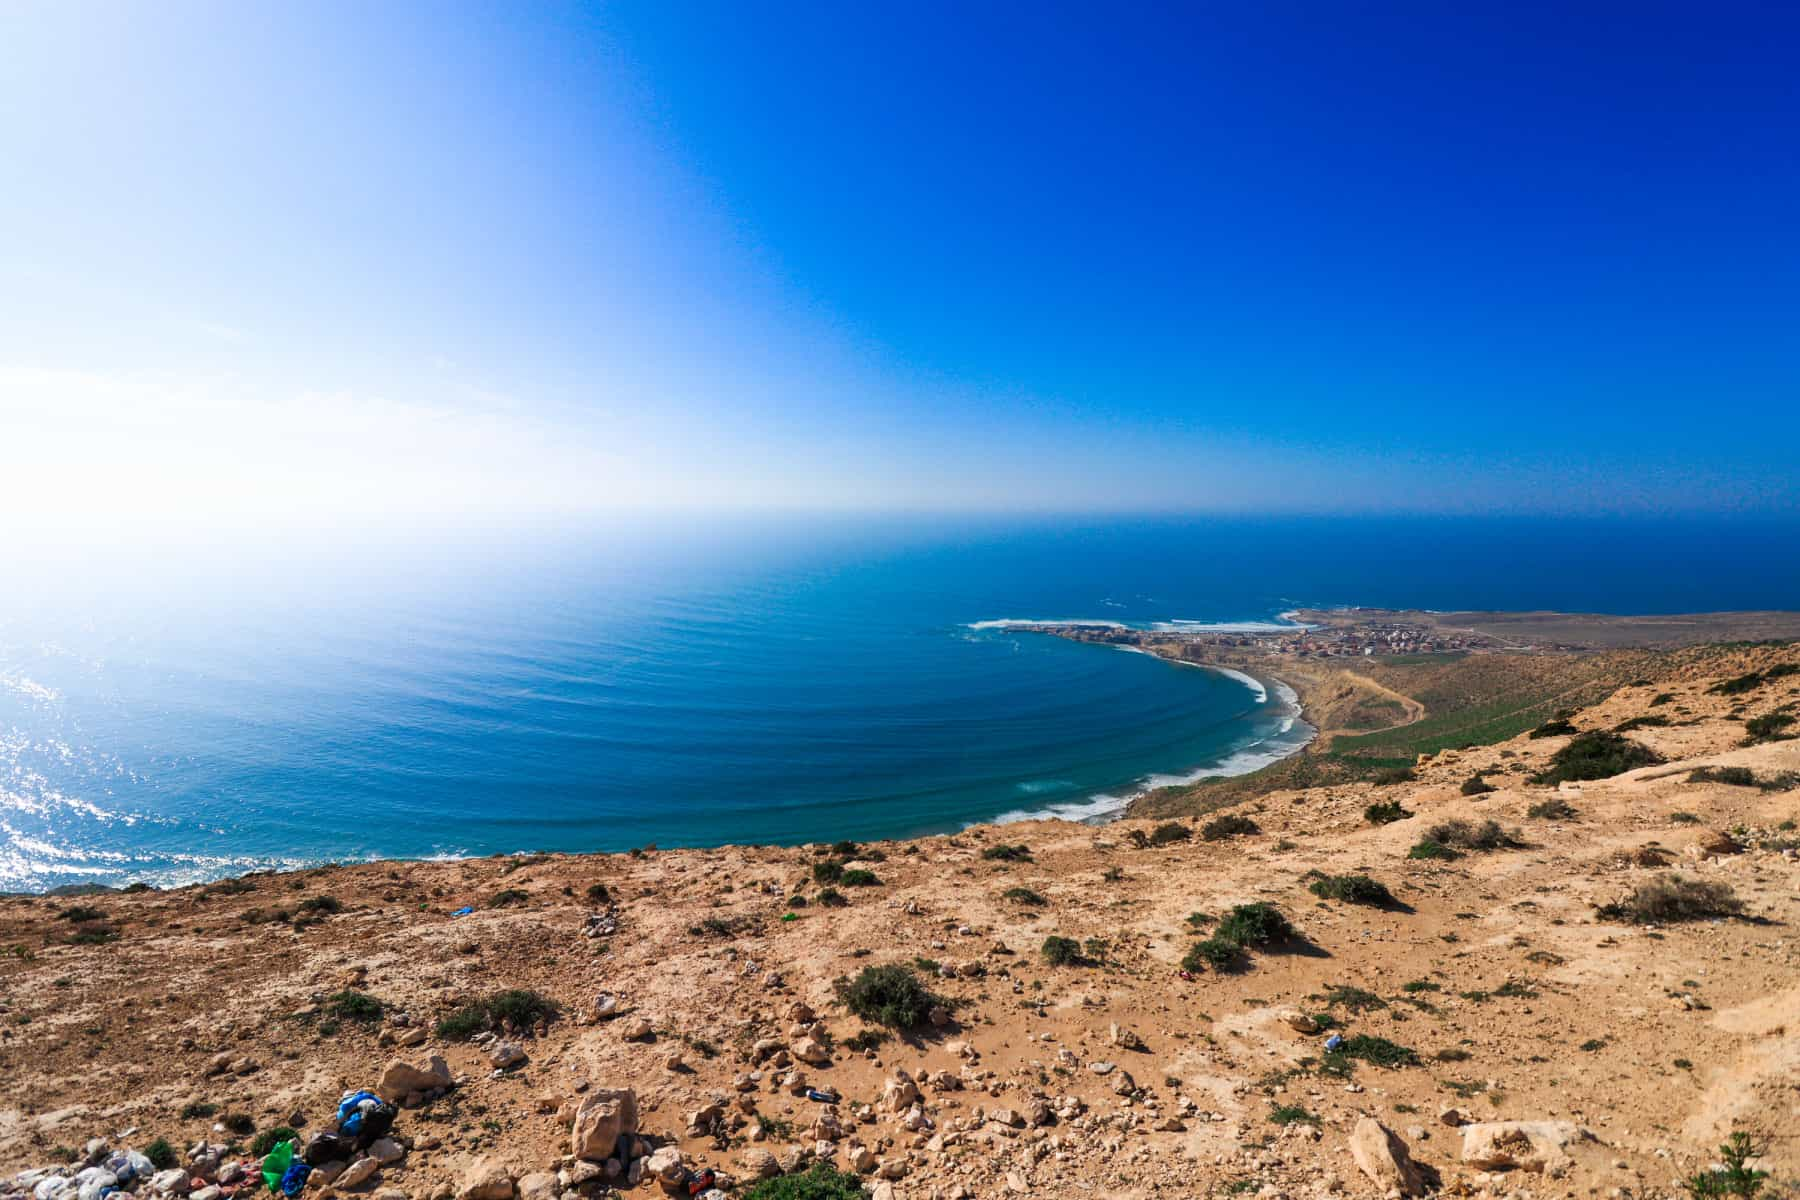 imsouane surf guiding blue waves marruecos